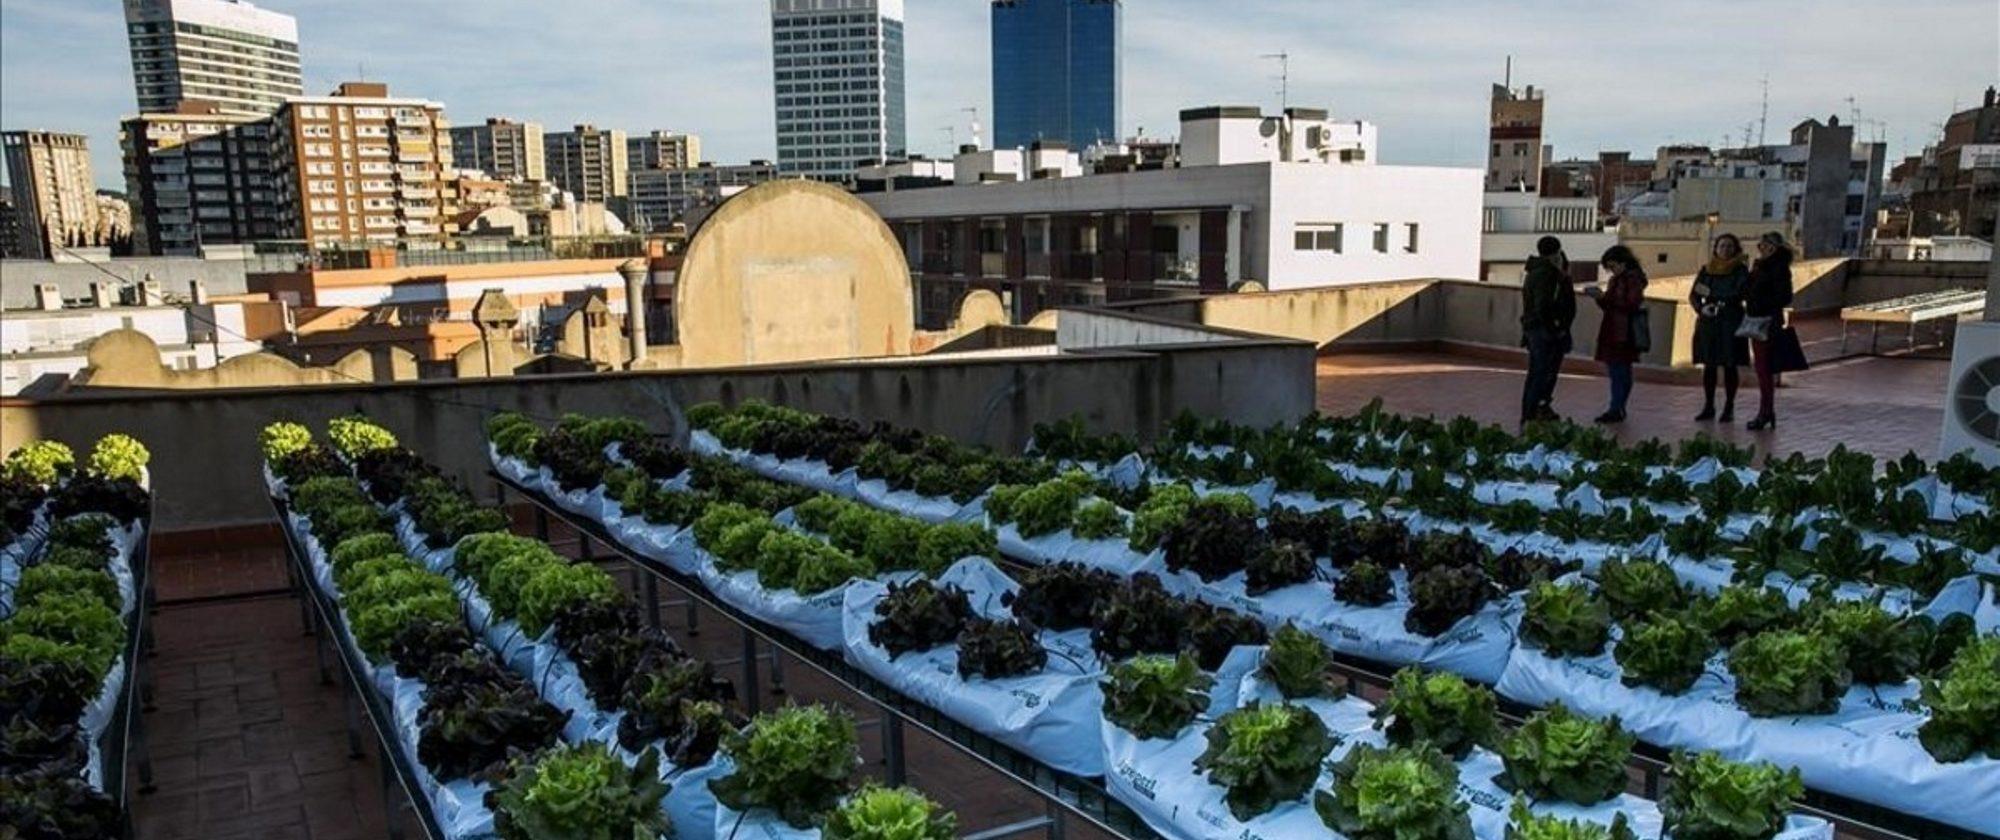 Ejemplo de agricultura urbana en una azotea de un edificio de la ciudad de Barcelona.